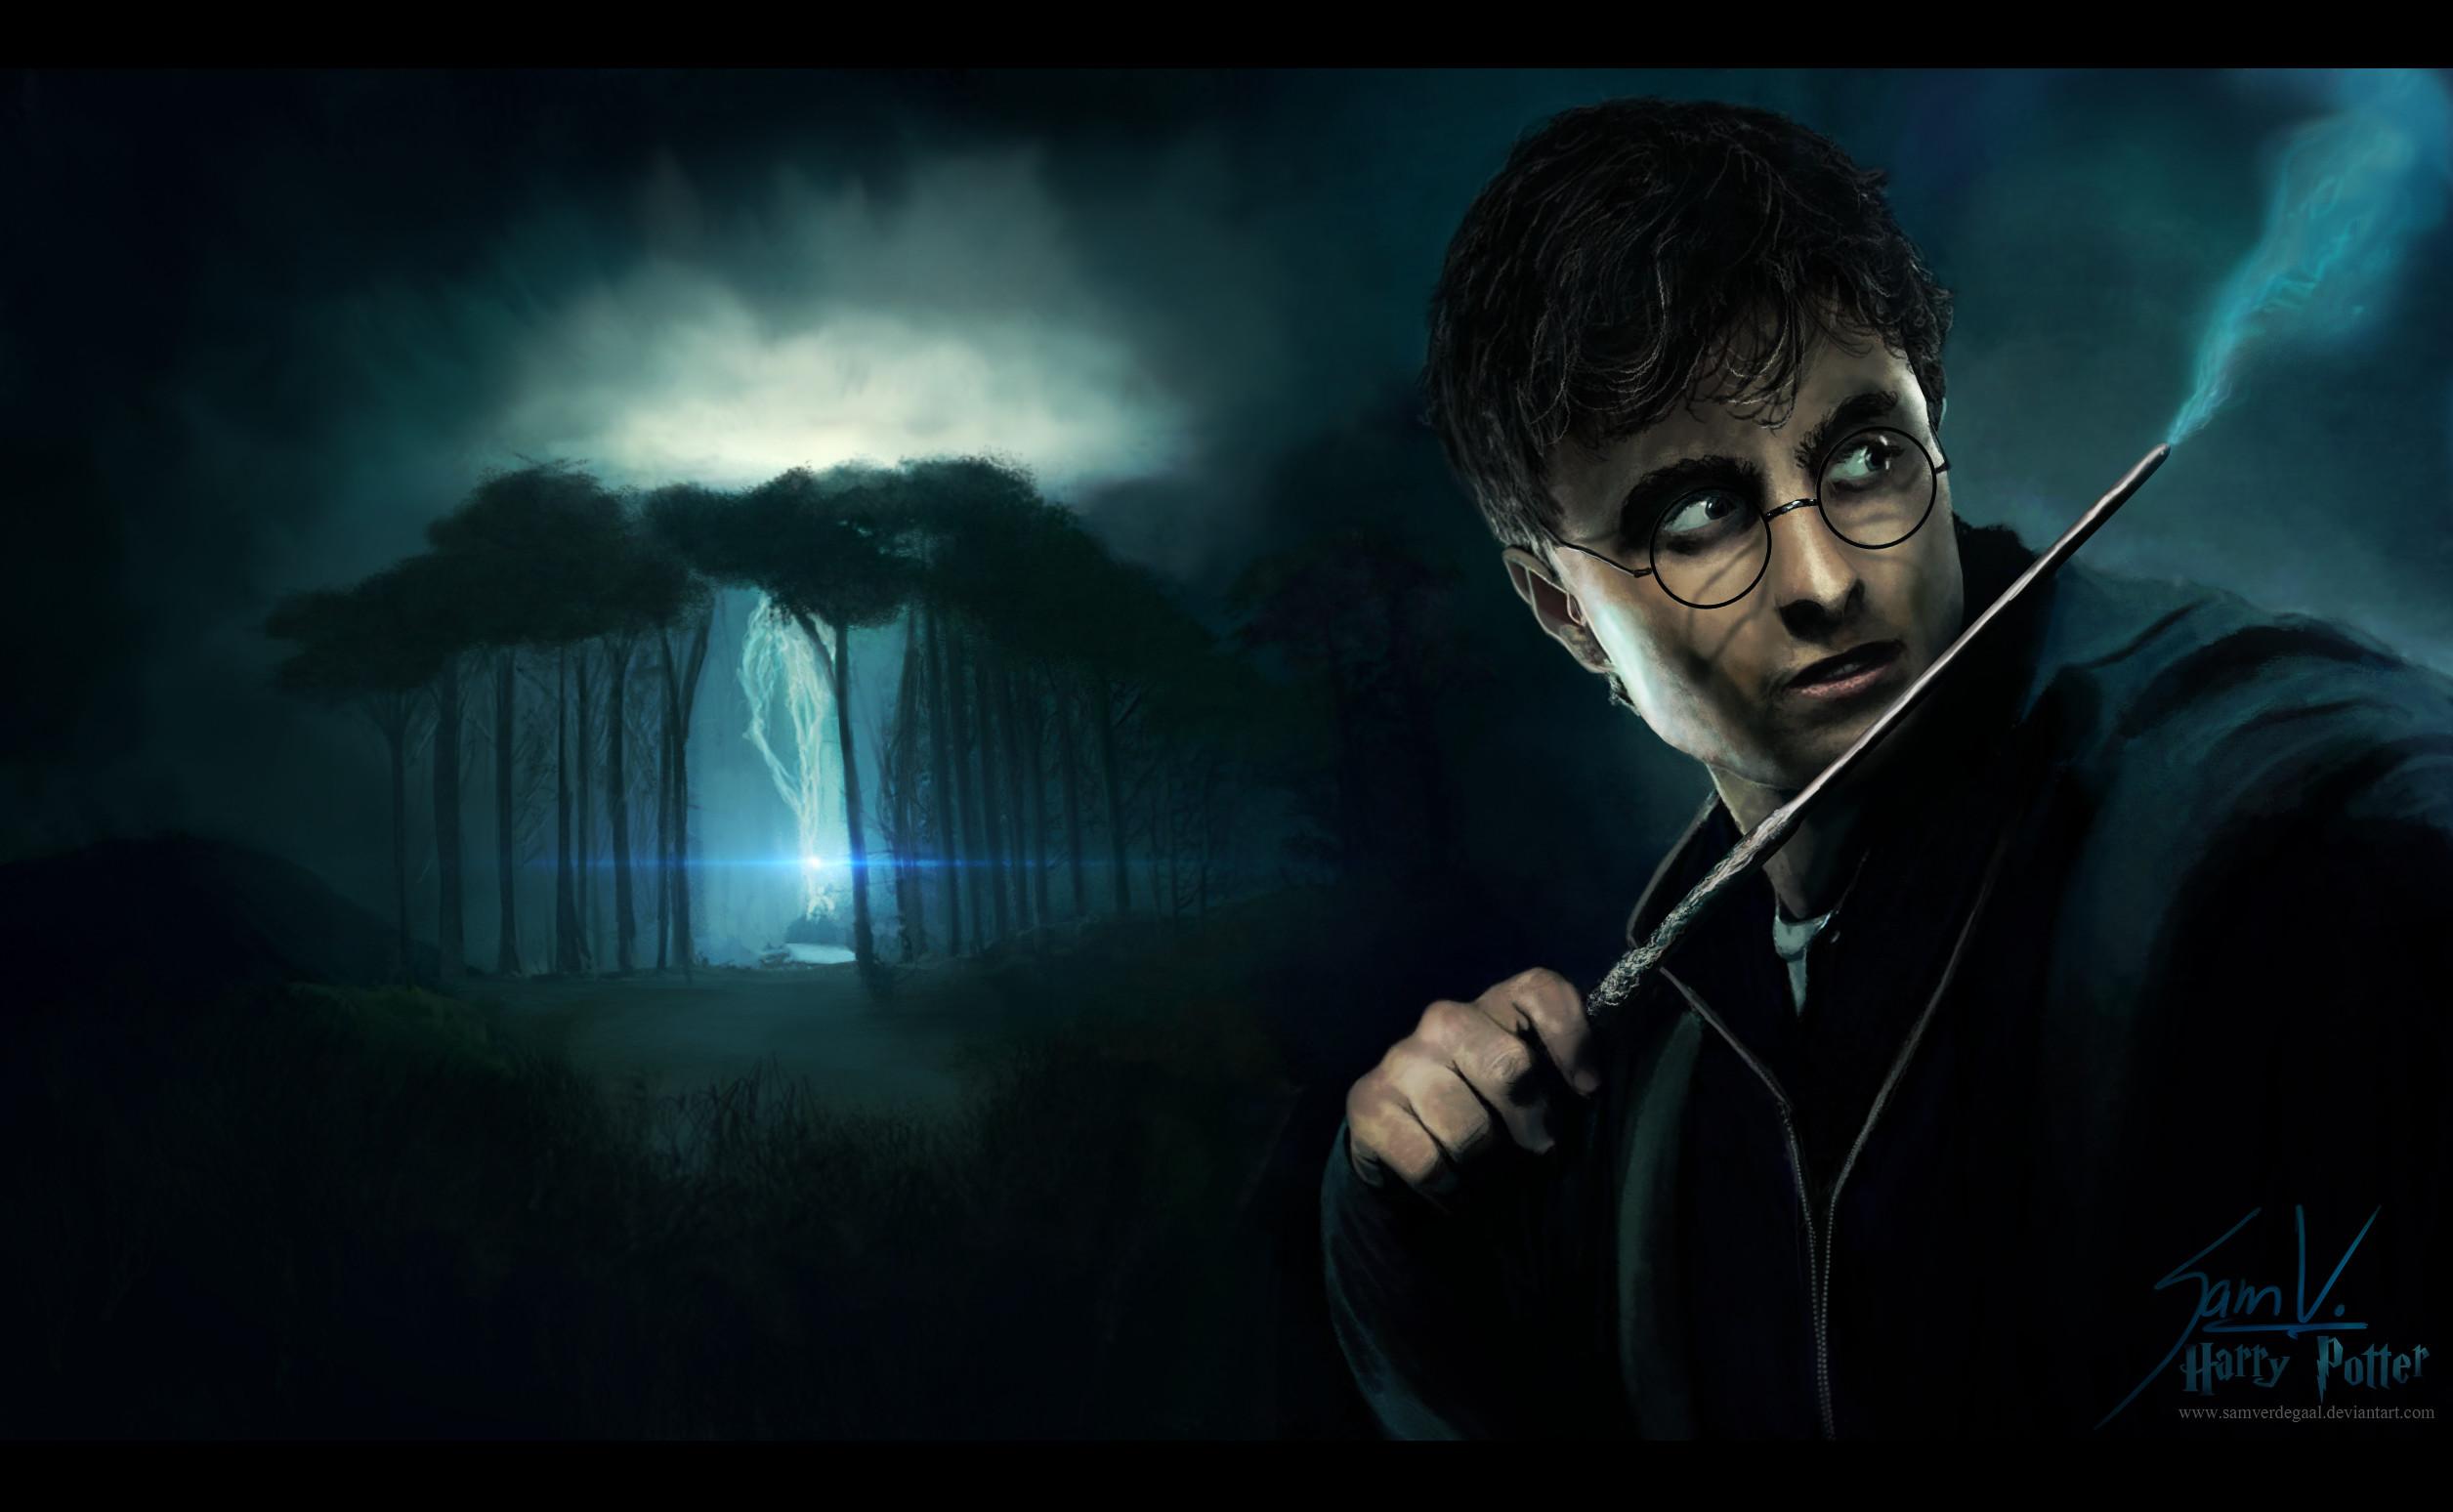 Harry Potter – Wallpaper by SamVerdegaal Harry Potter – Wallpaper by  SamVerdegaal